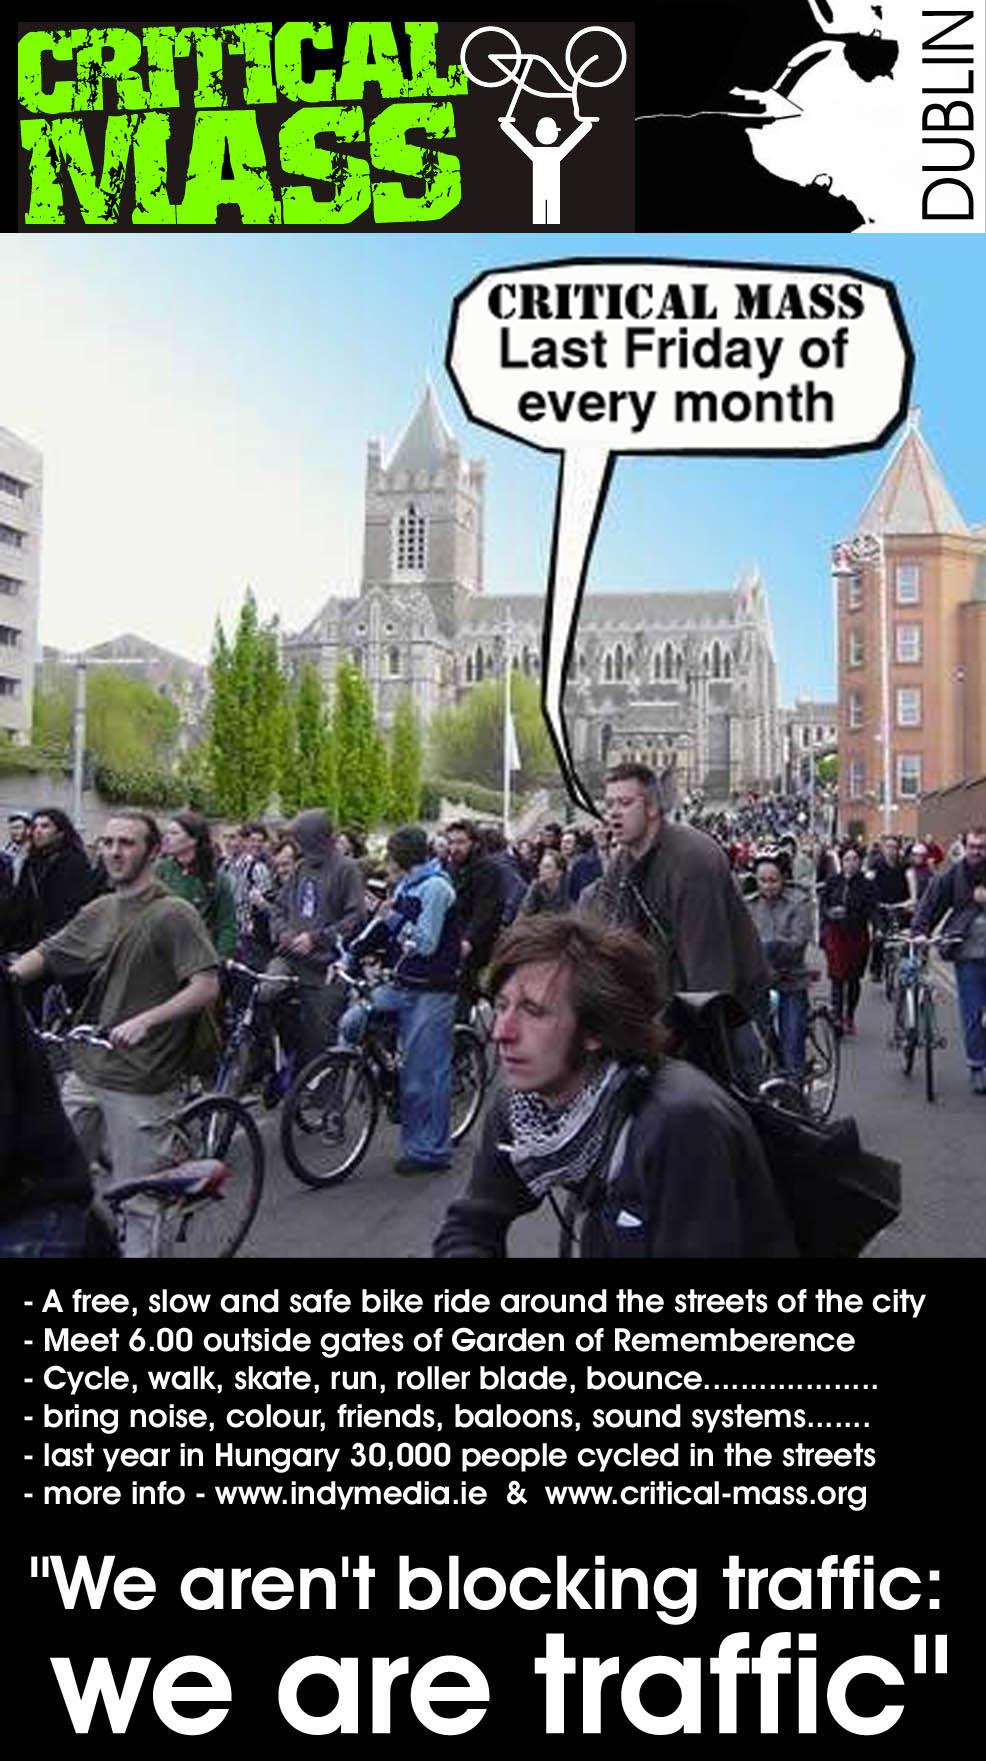 critical mass bike ride dublin - images